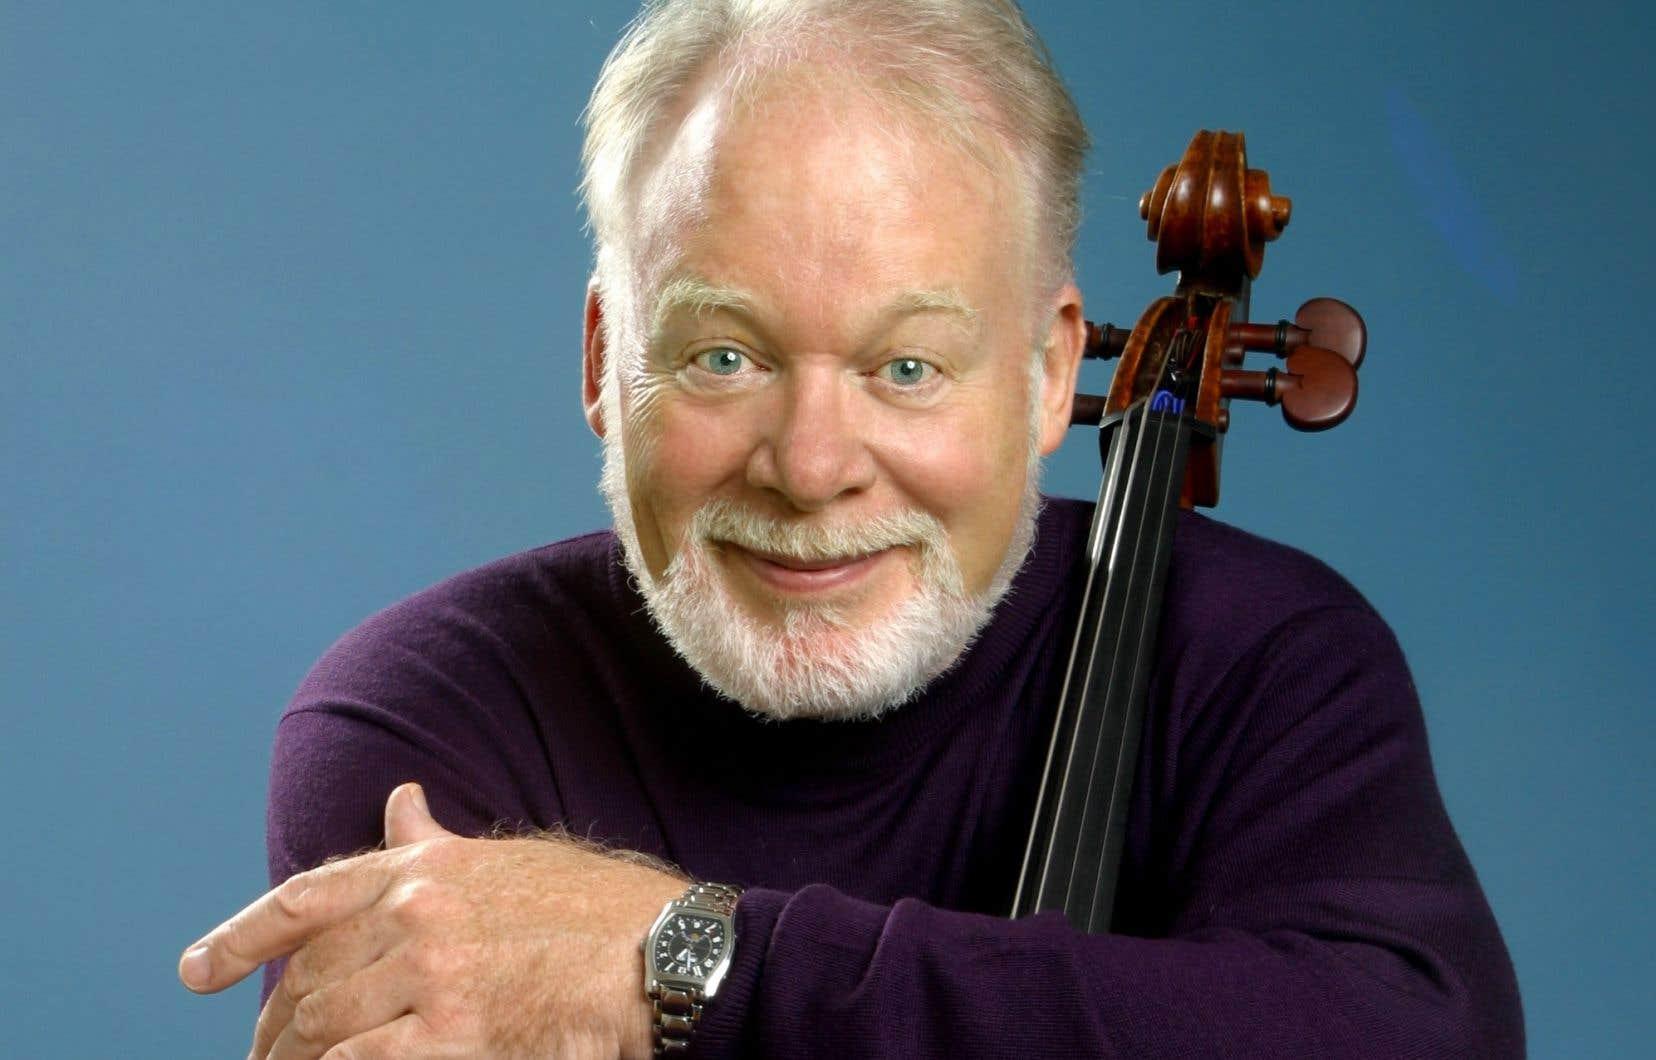 Le violoncelliste Lynn Harrell est décédé mardi à l'âge de 76 ans.